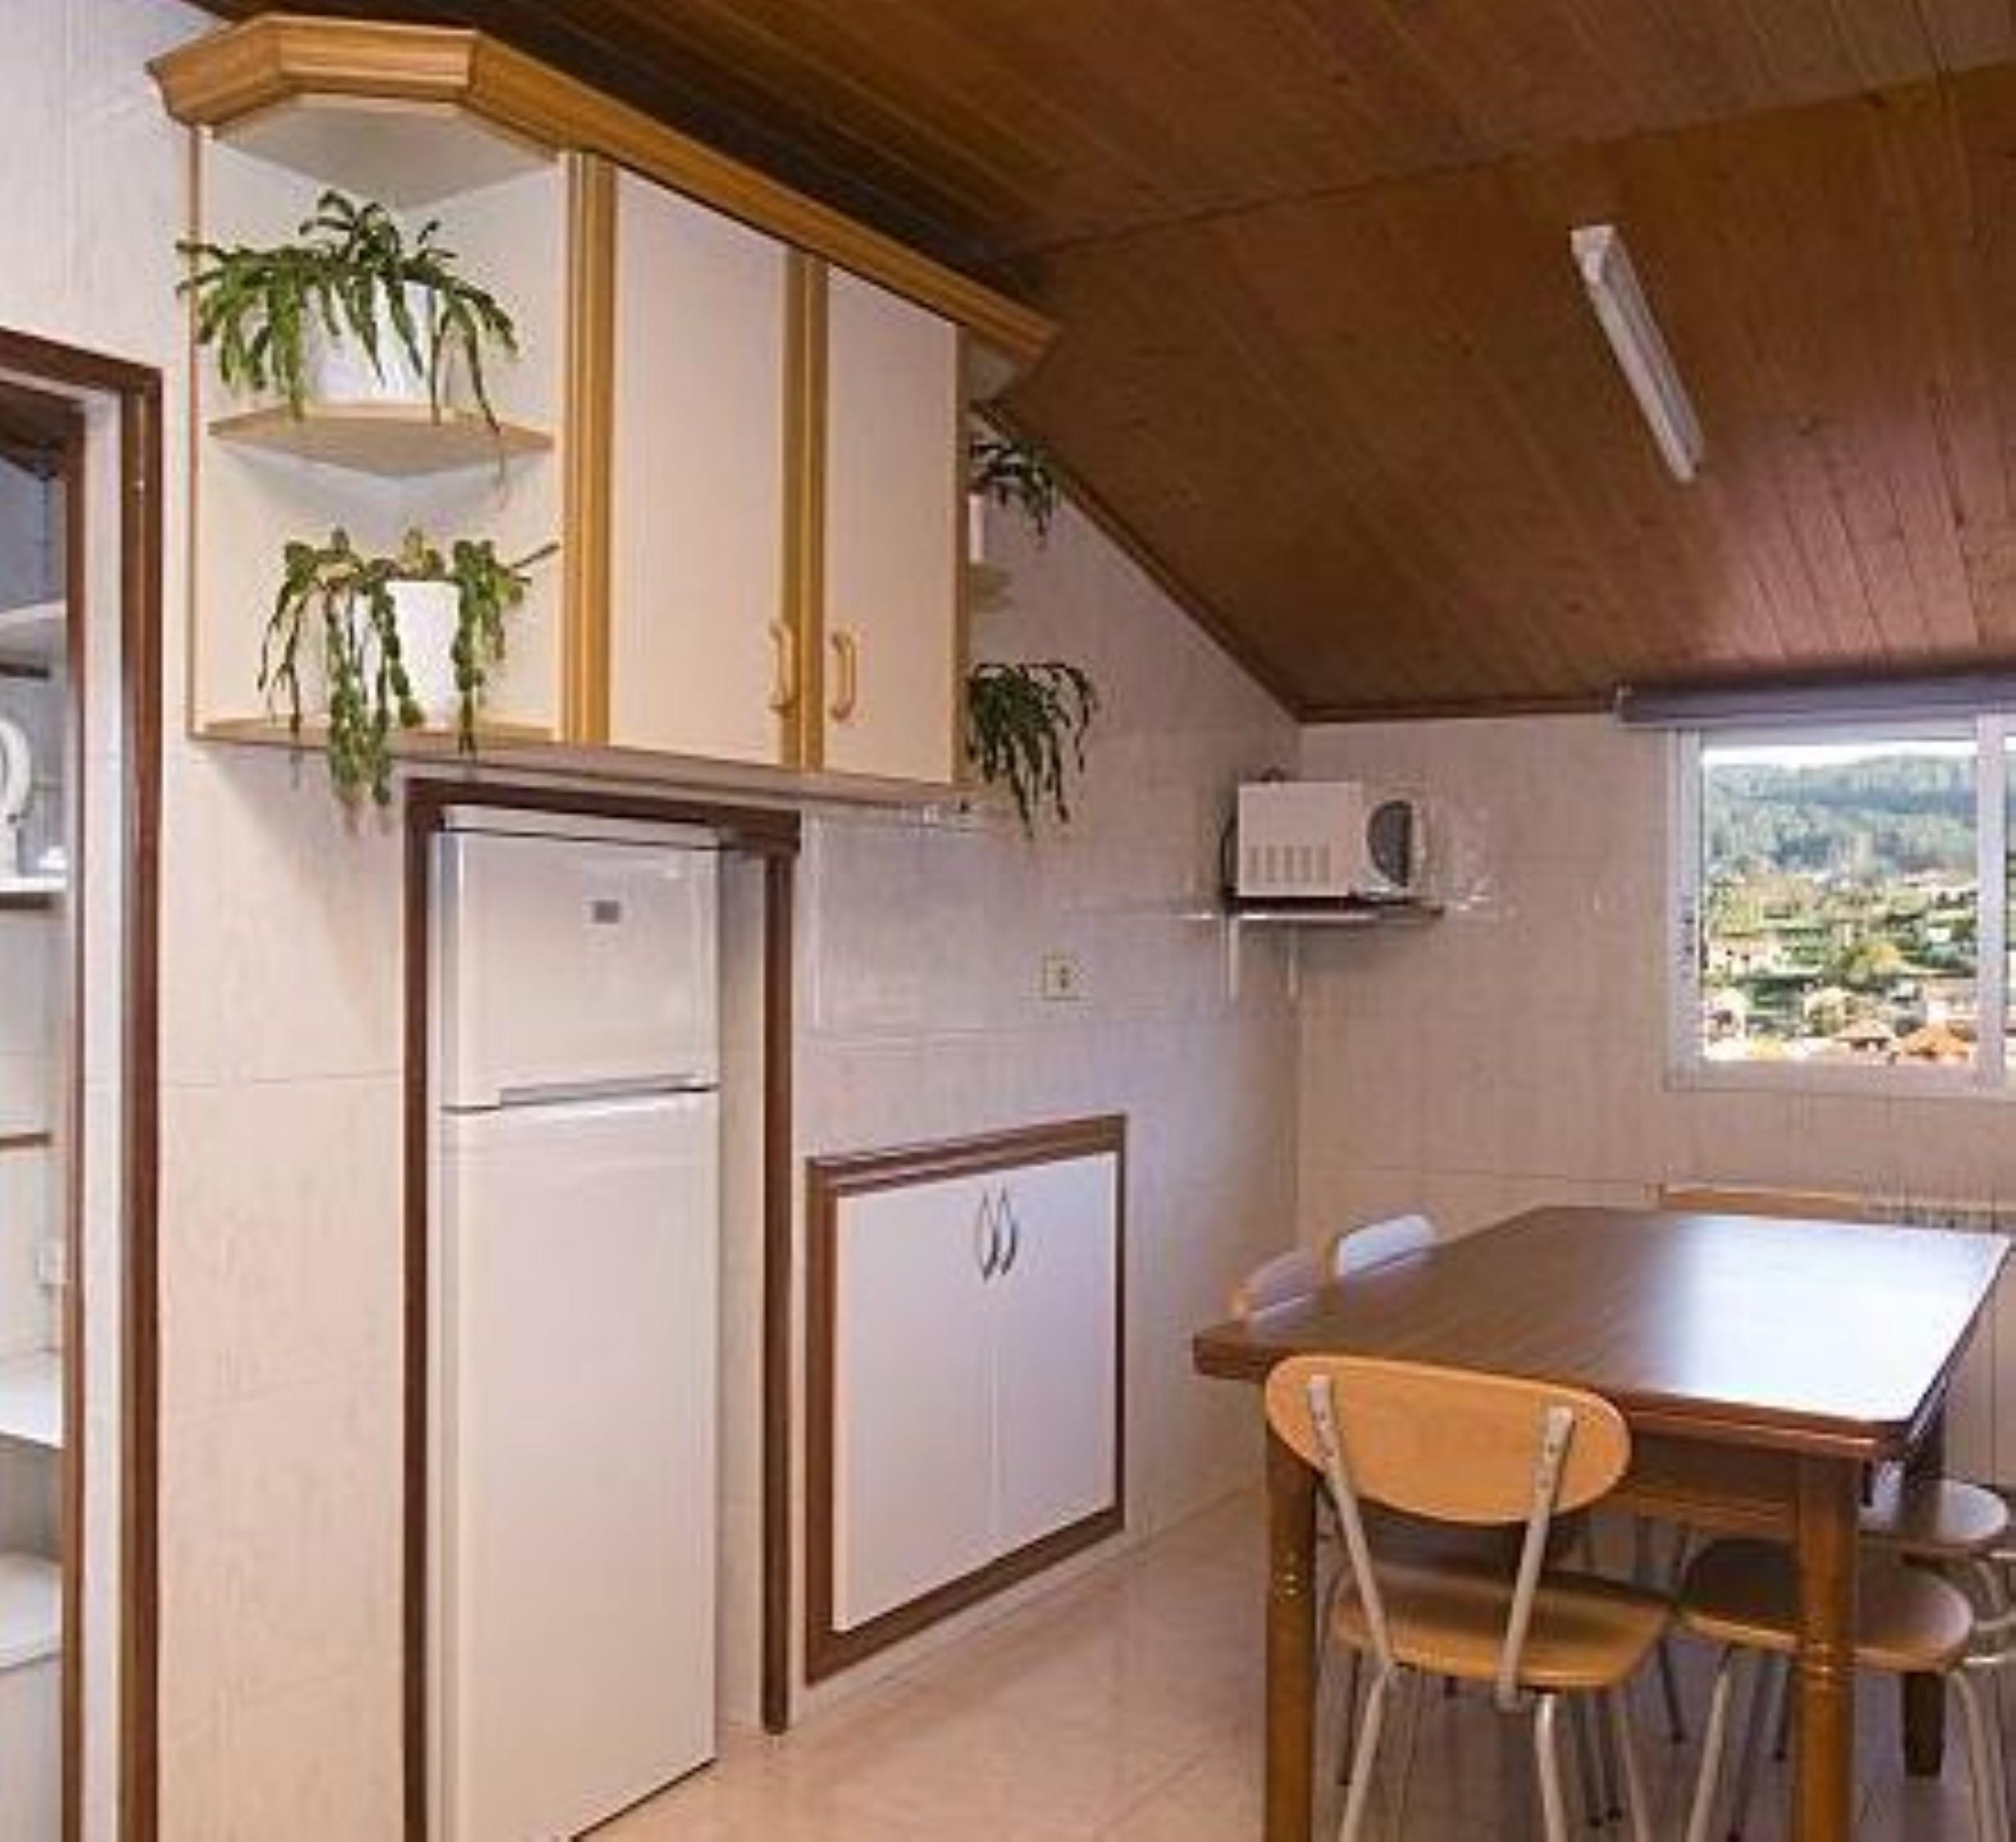 Ferienwohnung Apartment - 3 Bedrooms with WiFi - 100424 (1937594), Bueu, Rias Bajas, Galicien, Spanien, Bild 5